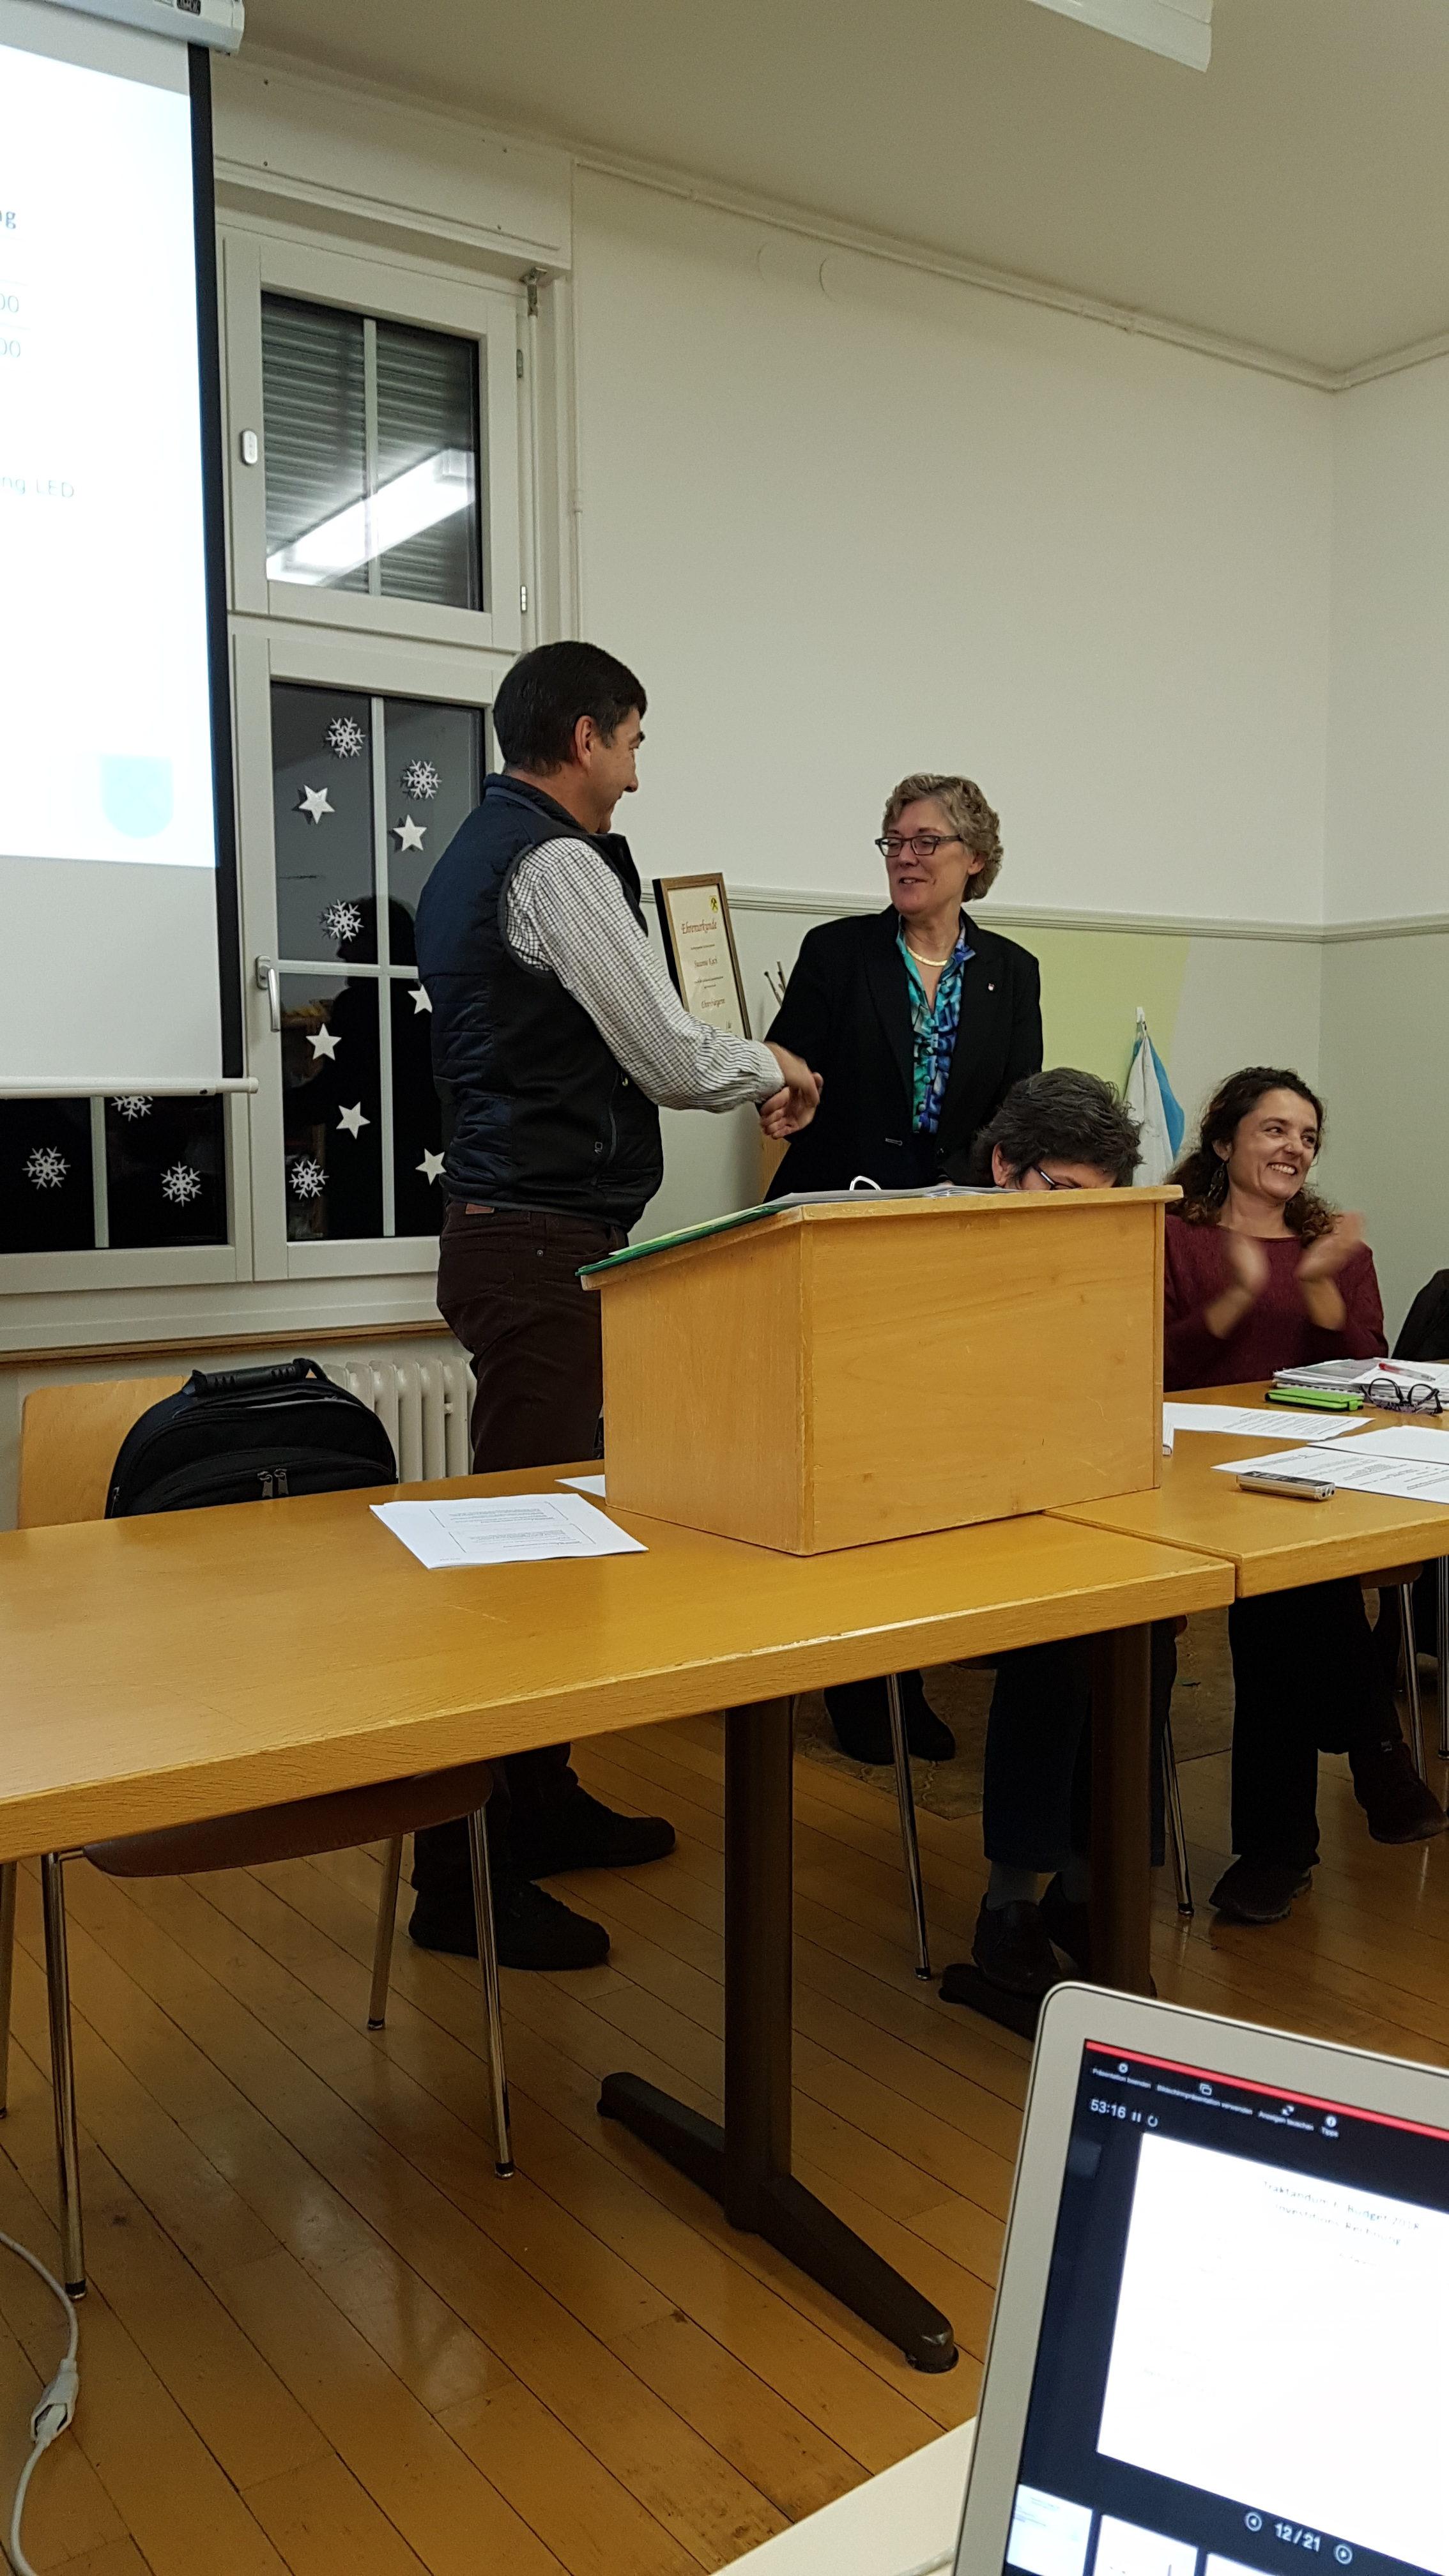 Peter Anklin übergibt Urkunde zur Ehrenbürgerschaft